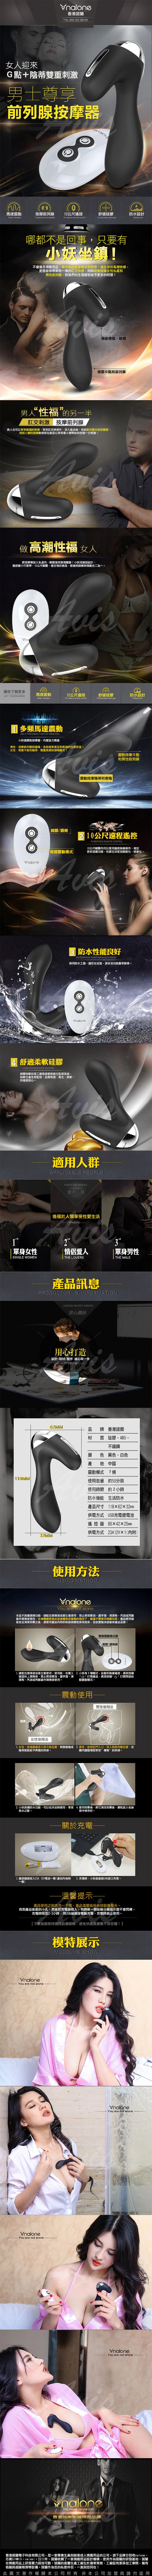 香港Nalone 小妖Fighting 7段變頻G點陰蒂防水前列腺按摩棒